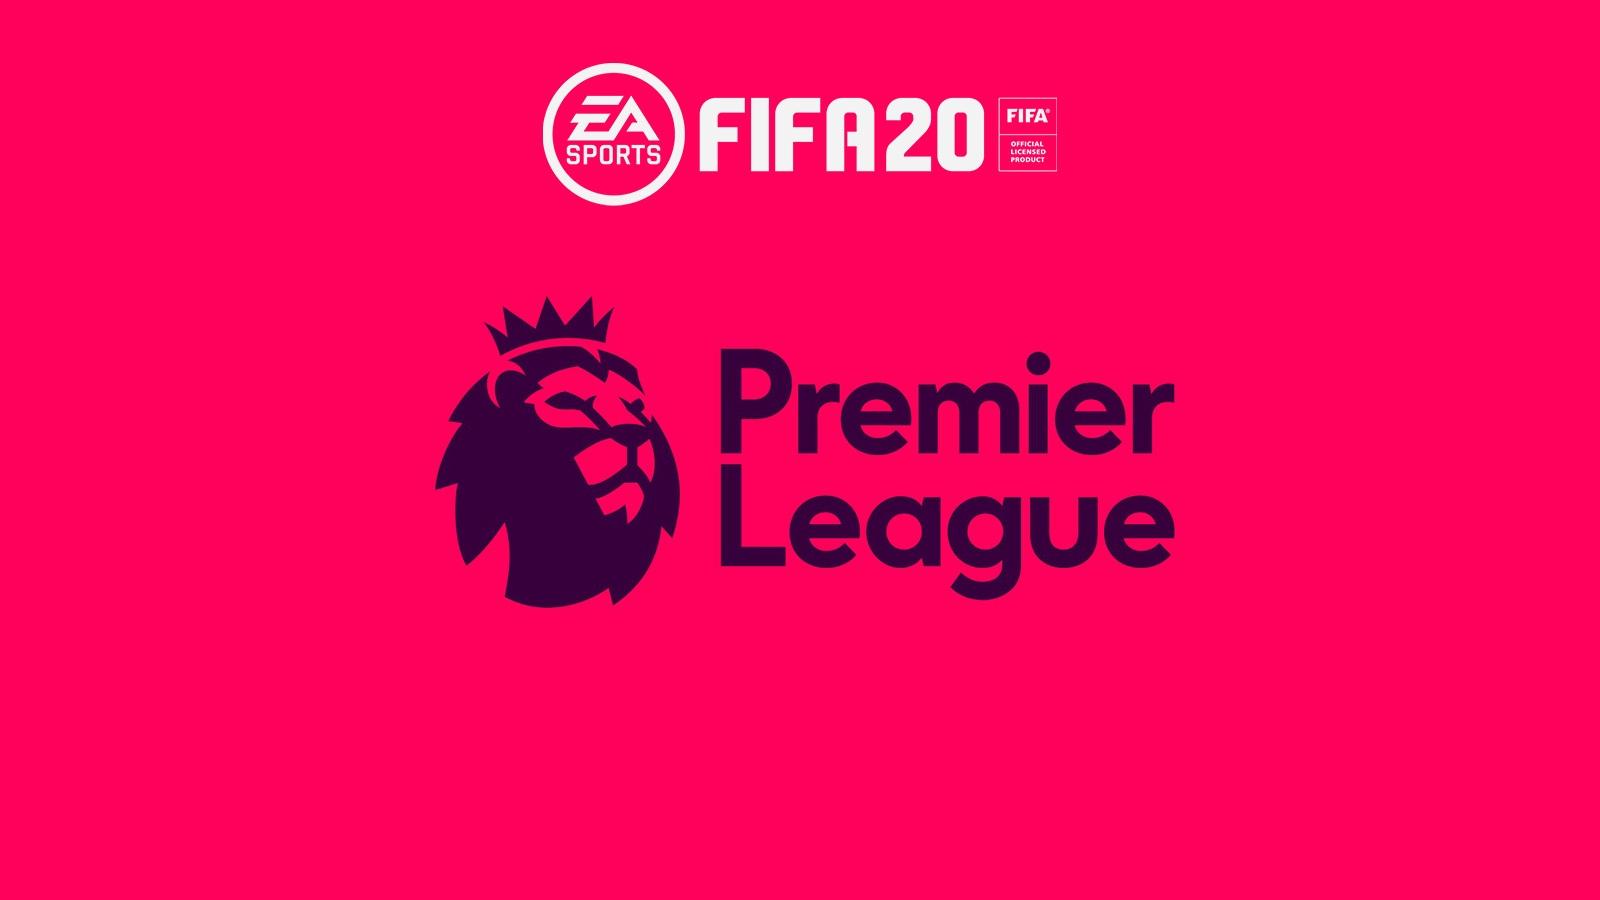 EA SPORTS / Premier League